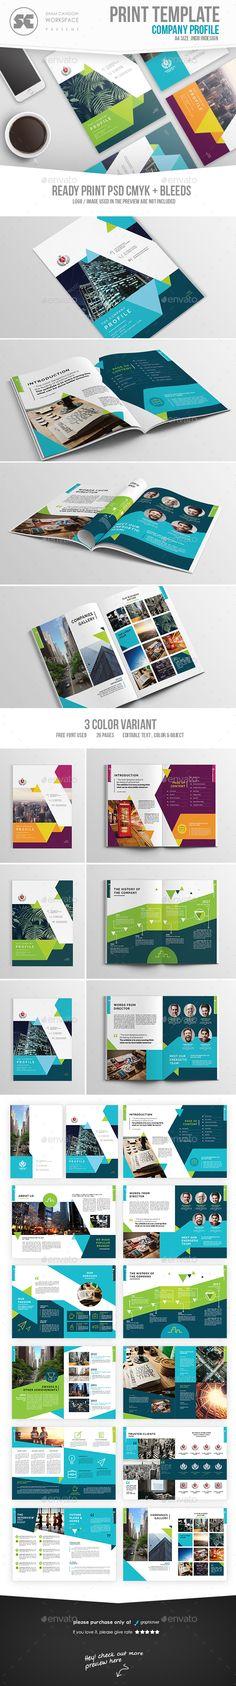 Company Profile Pinterest Company profile, Corporate brochure